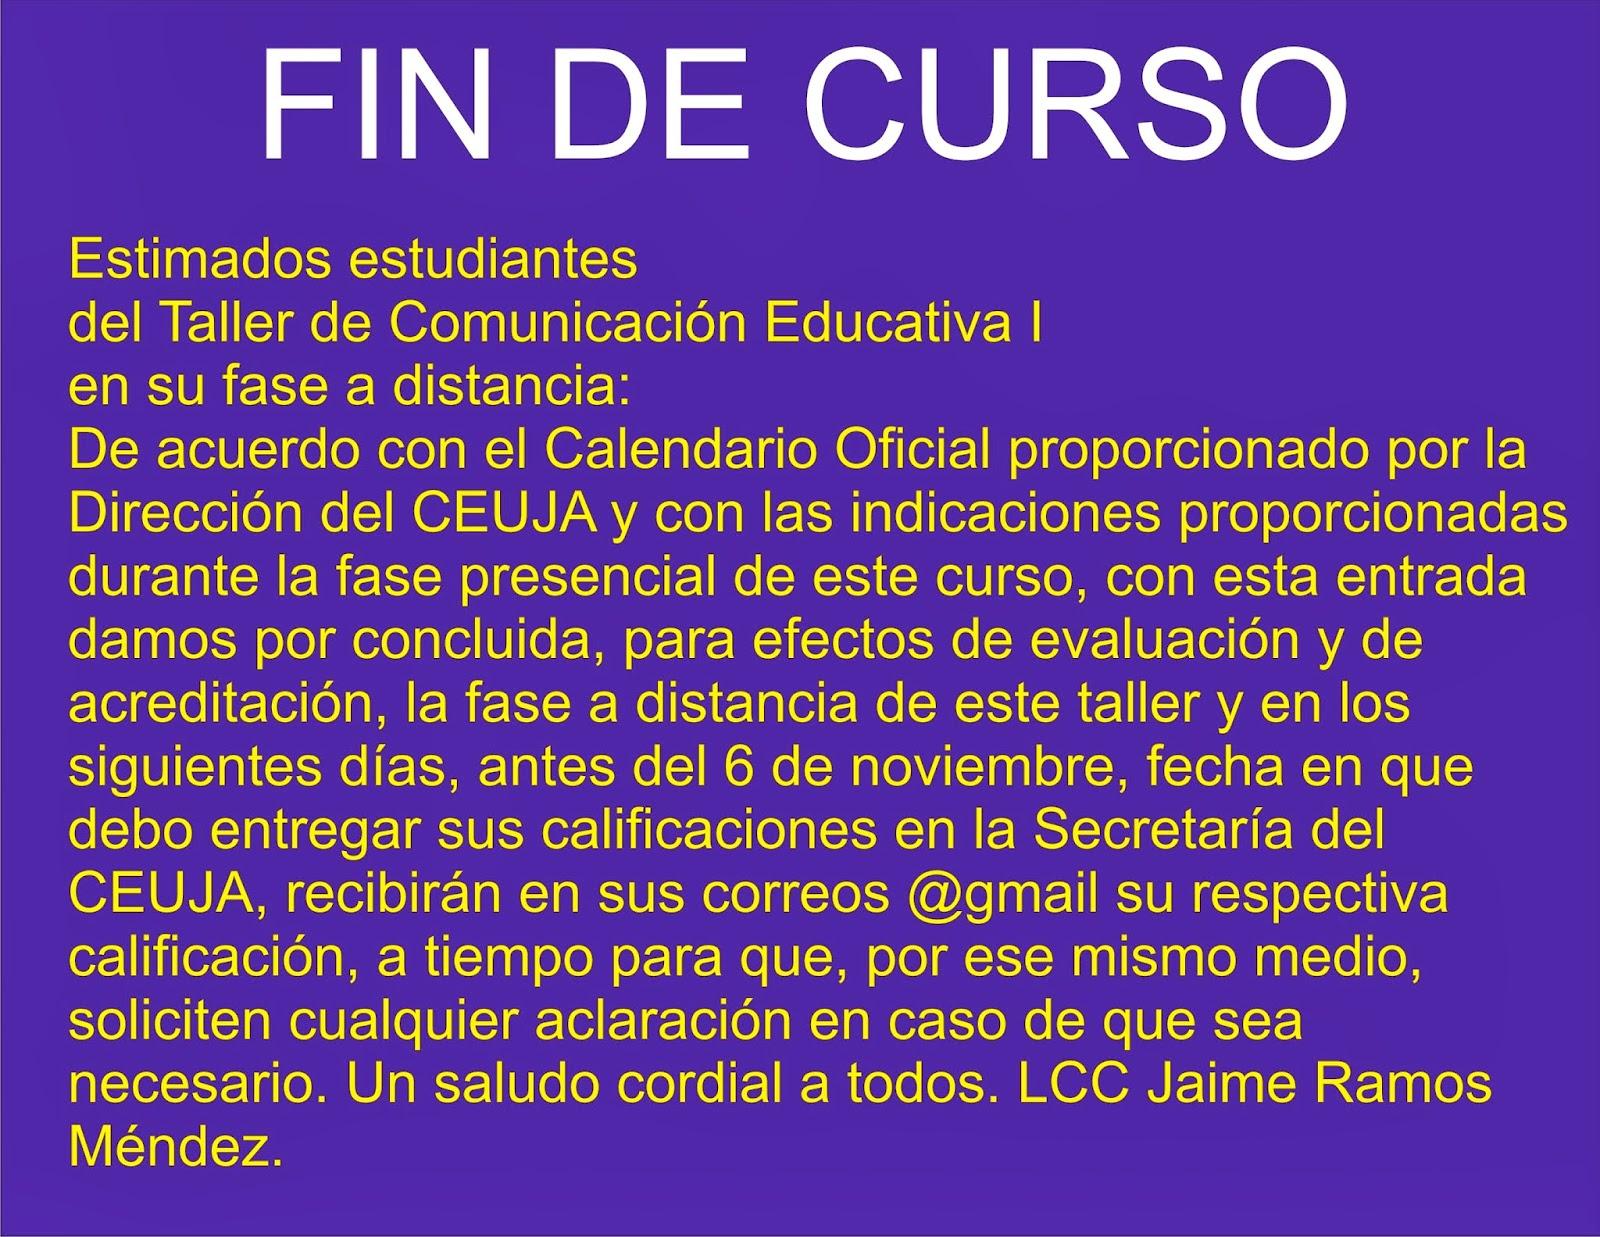 Discurso Fin De Curso Primaria | MEJOR CONJUNTO DE FRASES